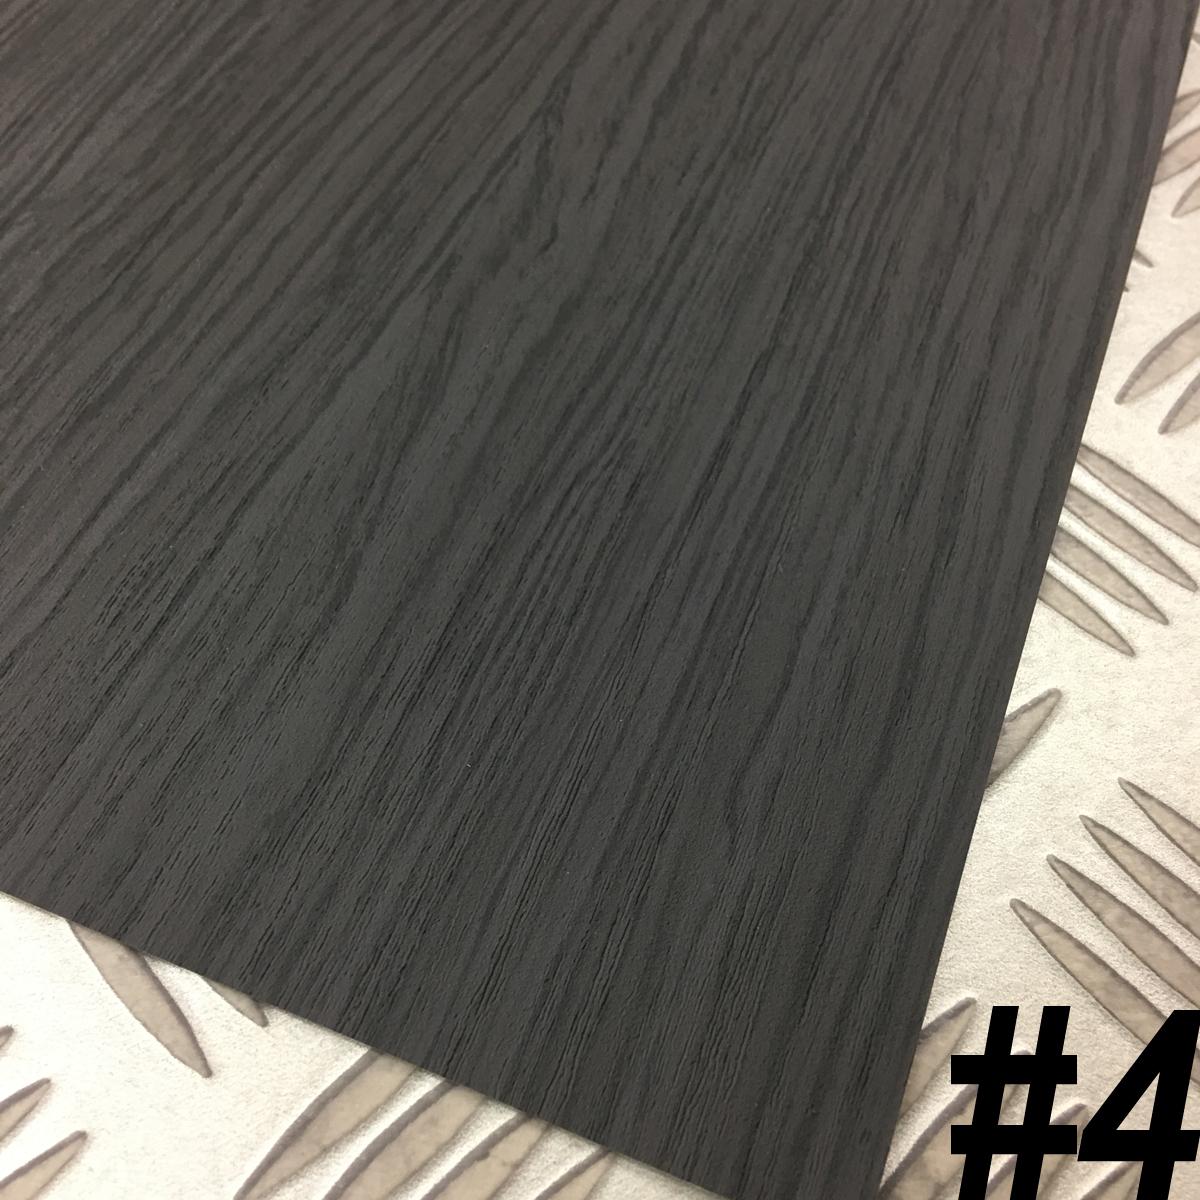 【黒部屋シリーズ】黒色壁紙クロス4種ブラックウォールペーパー_画像8